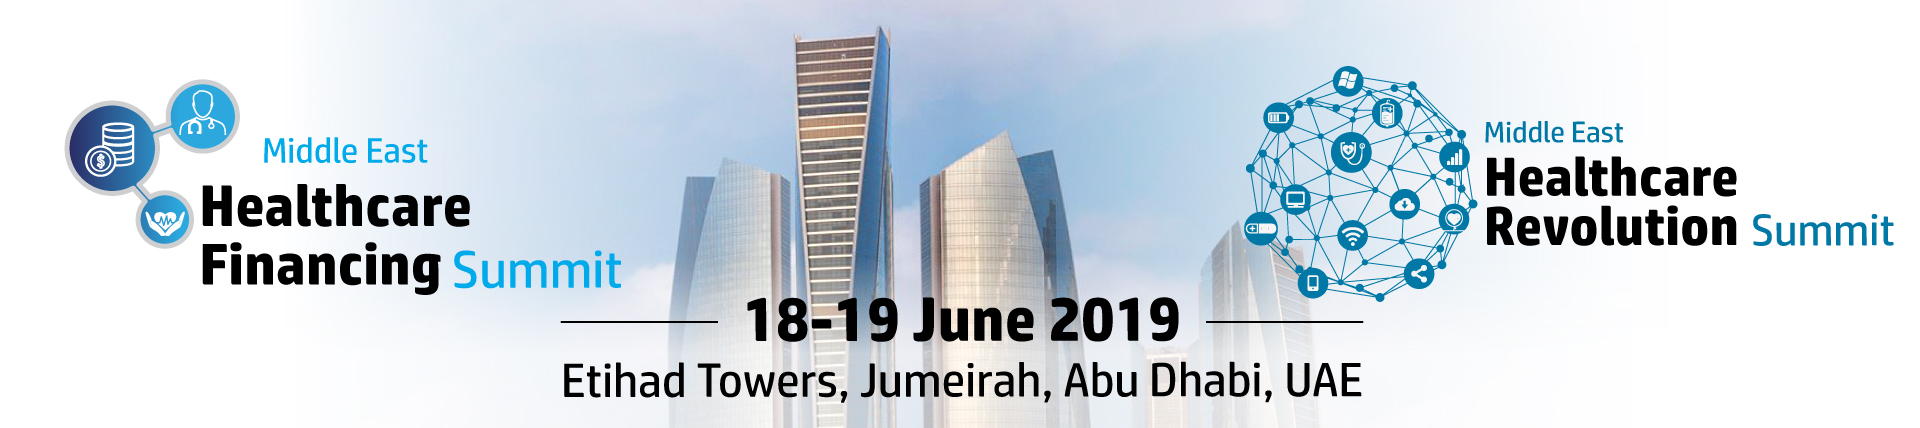 Middle East Healthcare Financing Summit - Etihad Towers, Jumeriah, Abu Dhabi, United Arab Emirates